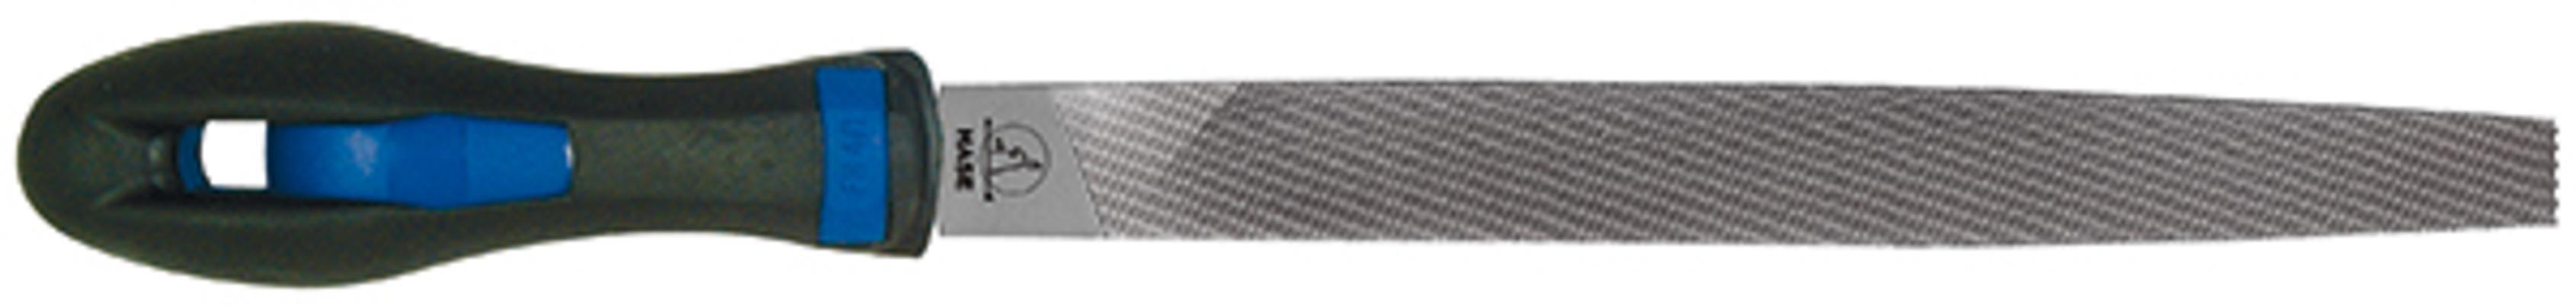 Lattaviila, 2K-kahva - Hase - 150 mm / puolikarkea